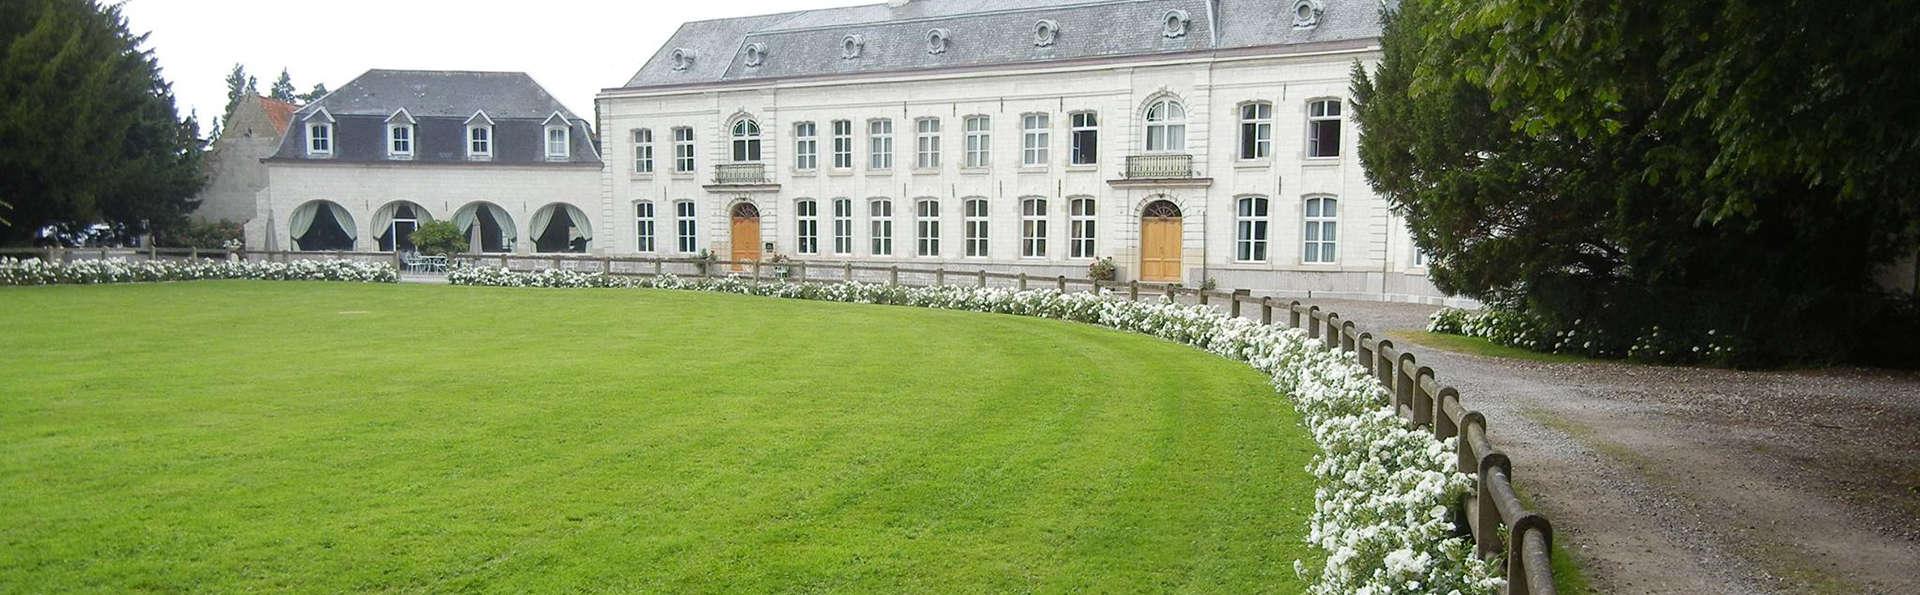 chteau de cocove edit_front4jpg - Chateau De Cocove Mariage